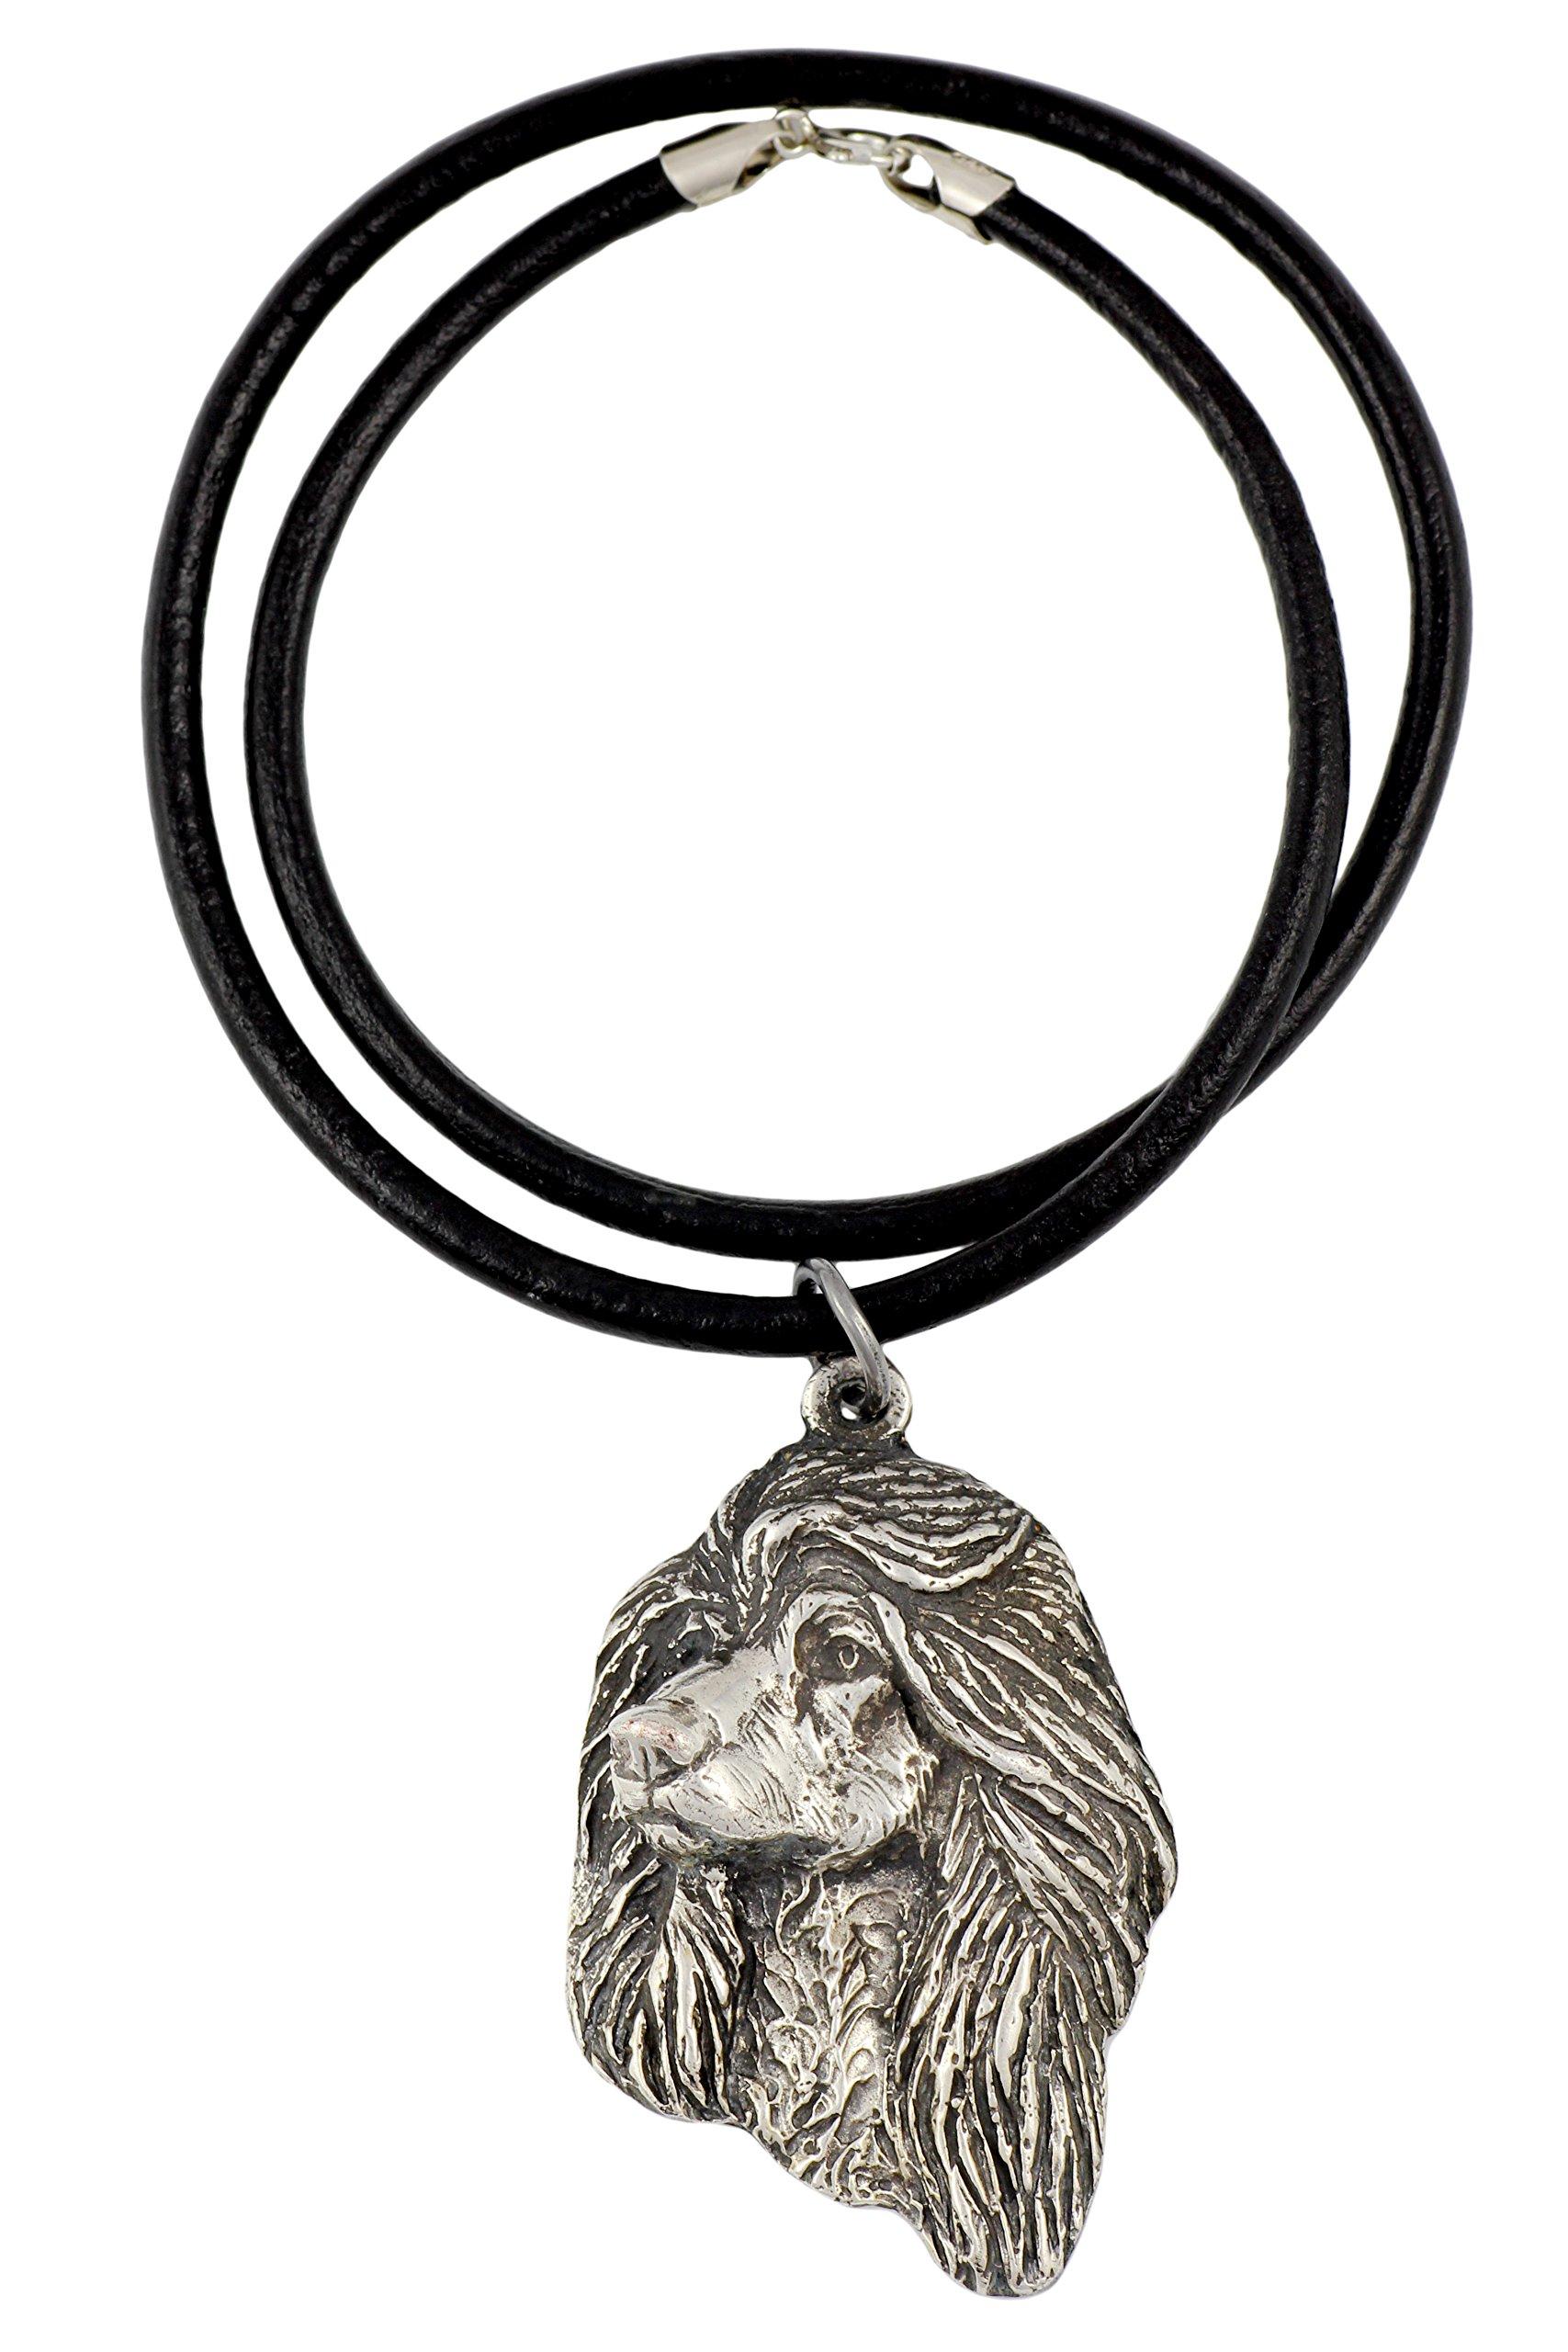 Afghan Hound, Ogar Afgan, Tazhi Spay, Silver Hallmark 925, Dog Silver Necklaces, Limited Edition, Artdog